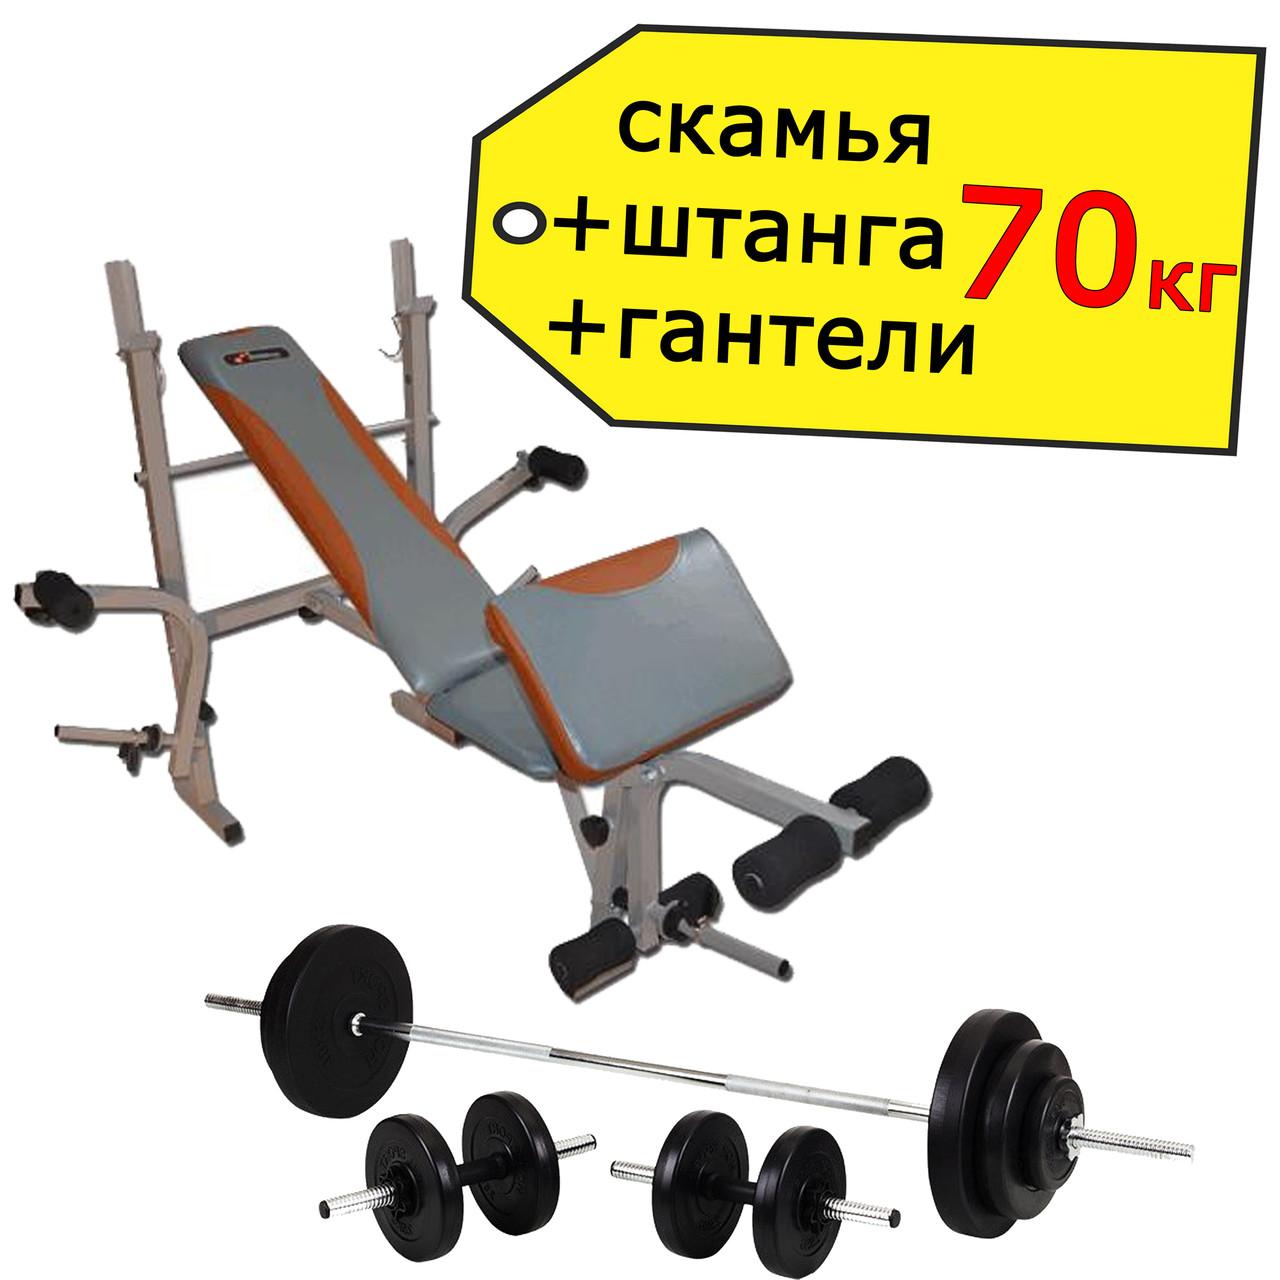 Скамья для жима EverTop 307 + Штанга 70 кг + Гантели 2*21 кг (комплект лавка штанга гантелі для жиму)